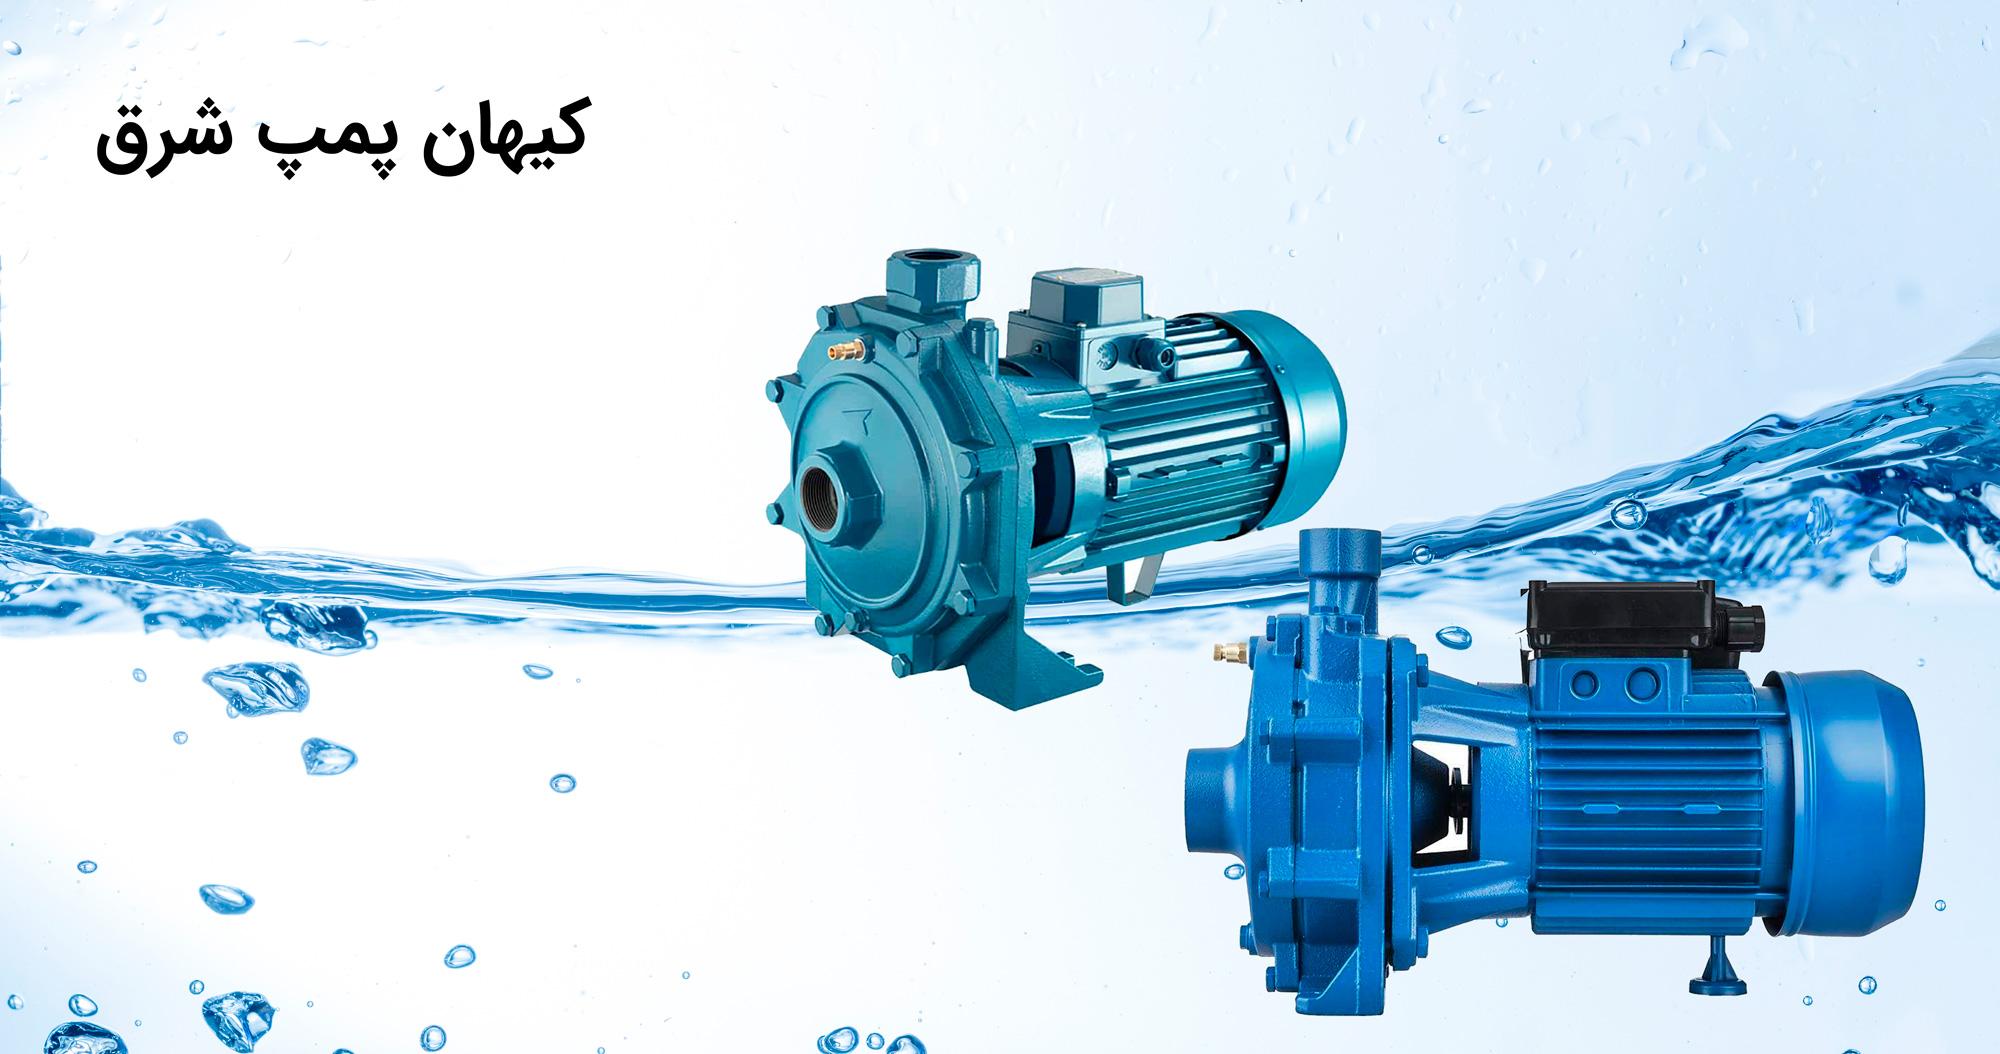 فروش پمپ آب صنعتی و خانگی | کیهان پمپ